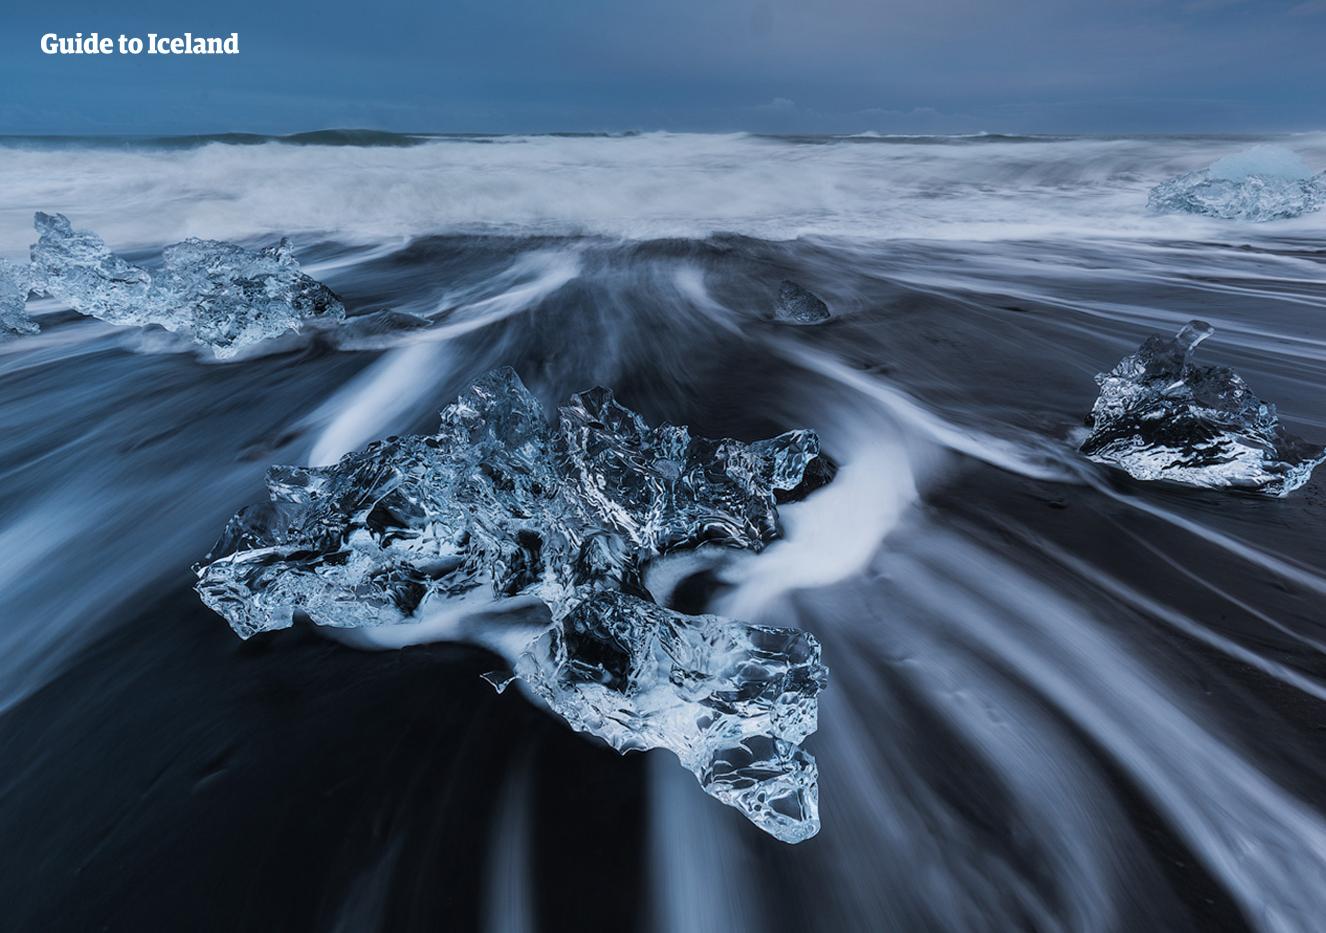 11-dniowa budżetowa, samodzielna wycieczka po całej obwodnicy Islandii z Fiordami Wschodnimi i Myvatn - day 3